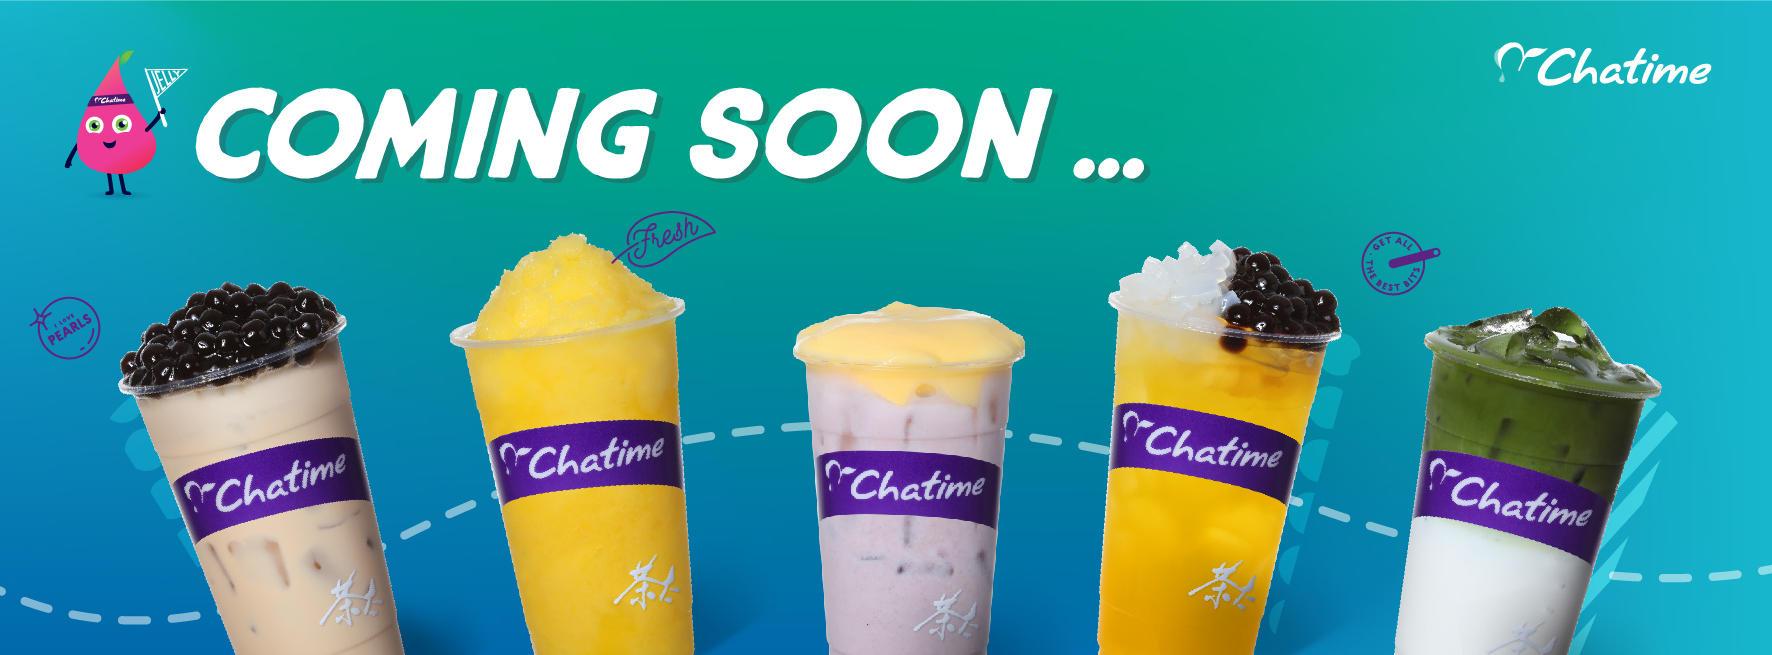 Chatime Bubble Tea & Slurping Noodles image 7